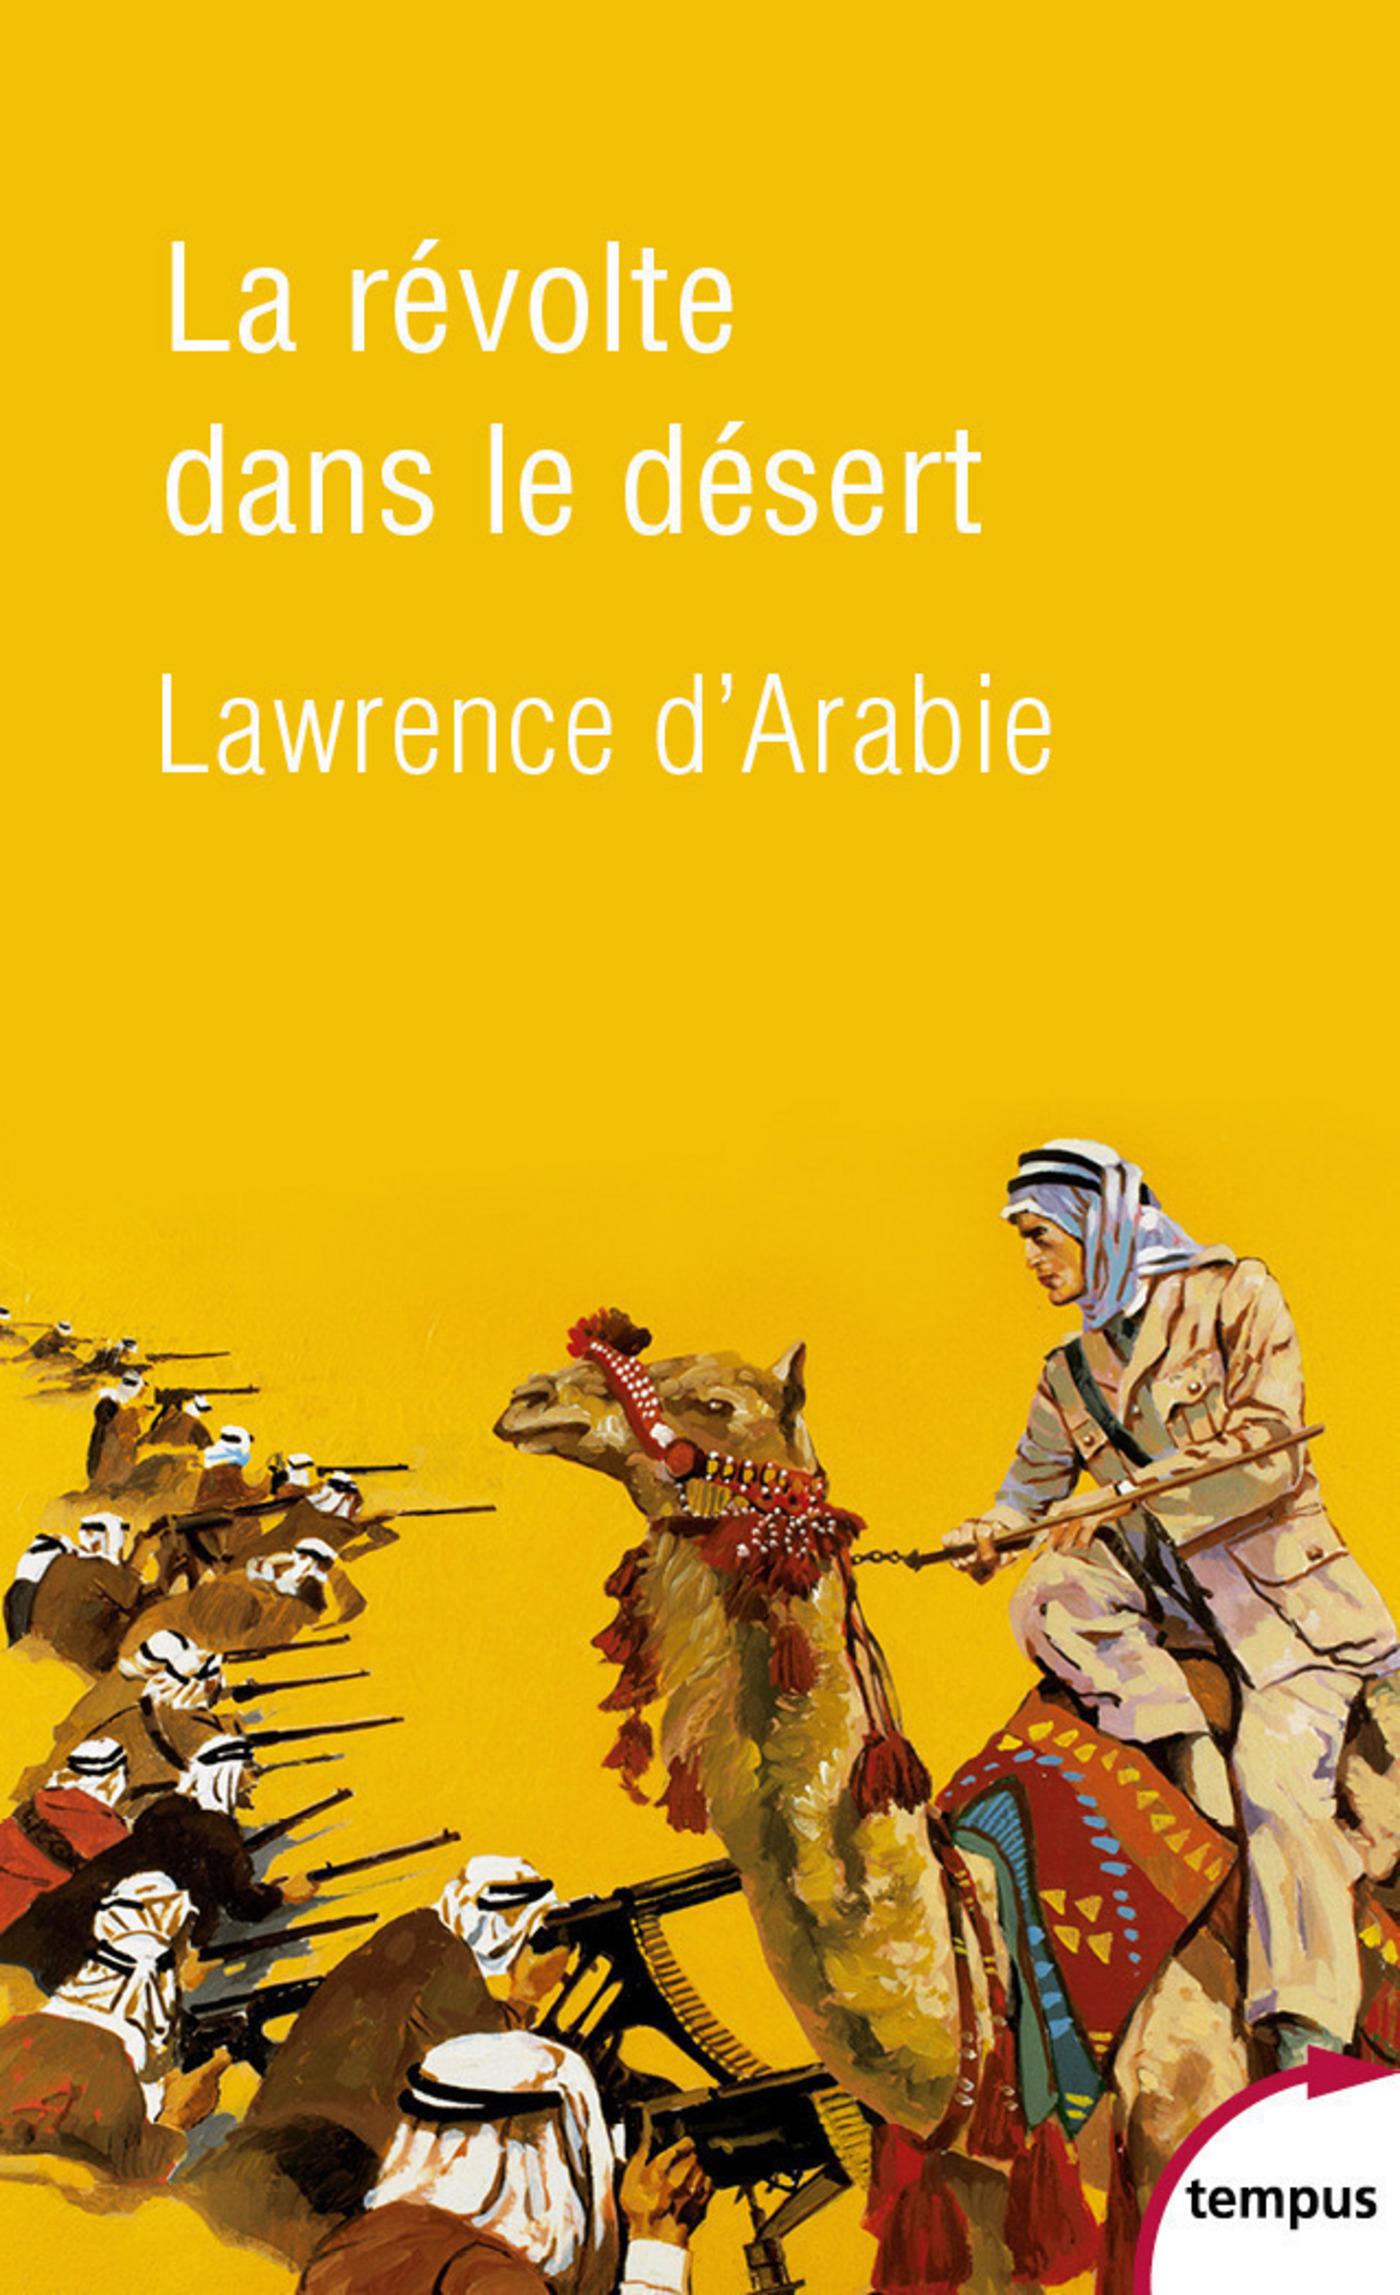 La révolte dans le désert